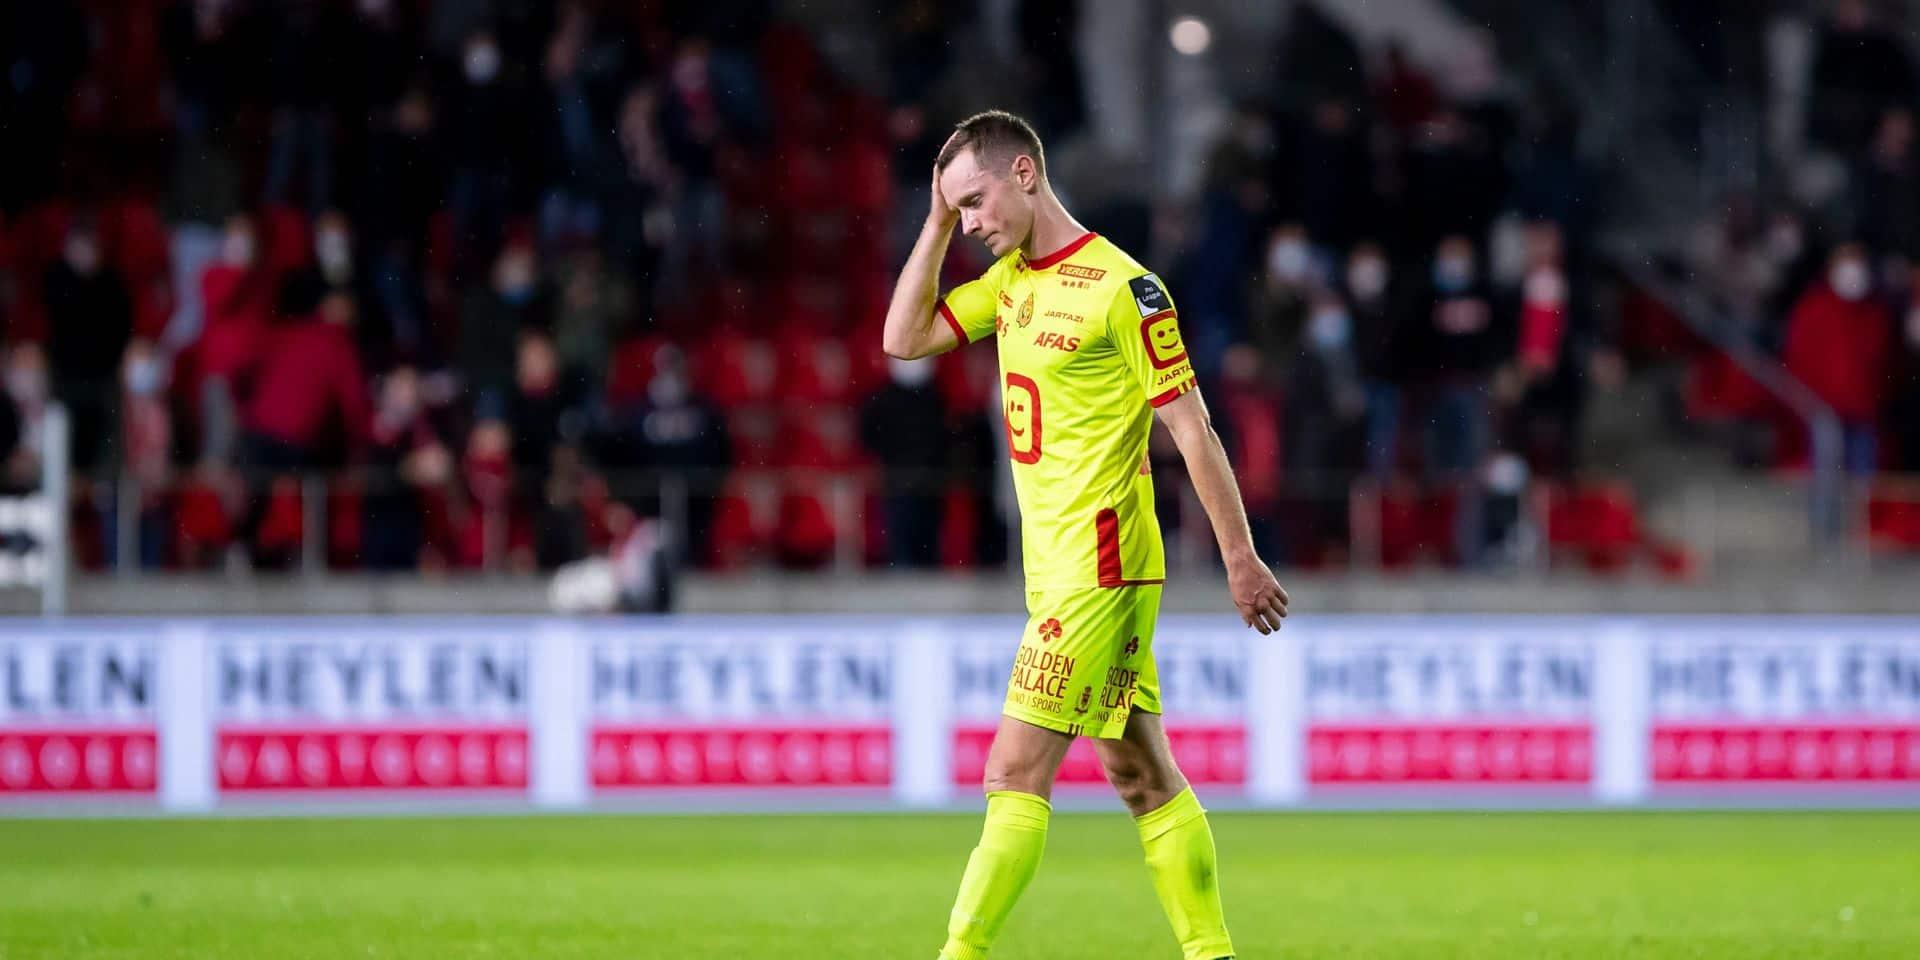 Le FC Malines, avec désormais 10 cas positifs, demande le report de son match à Eupen